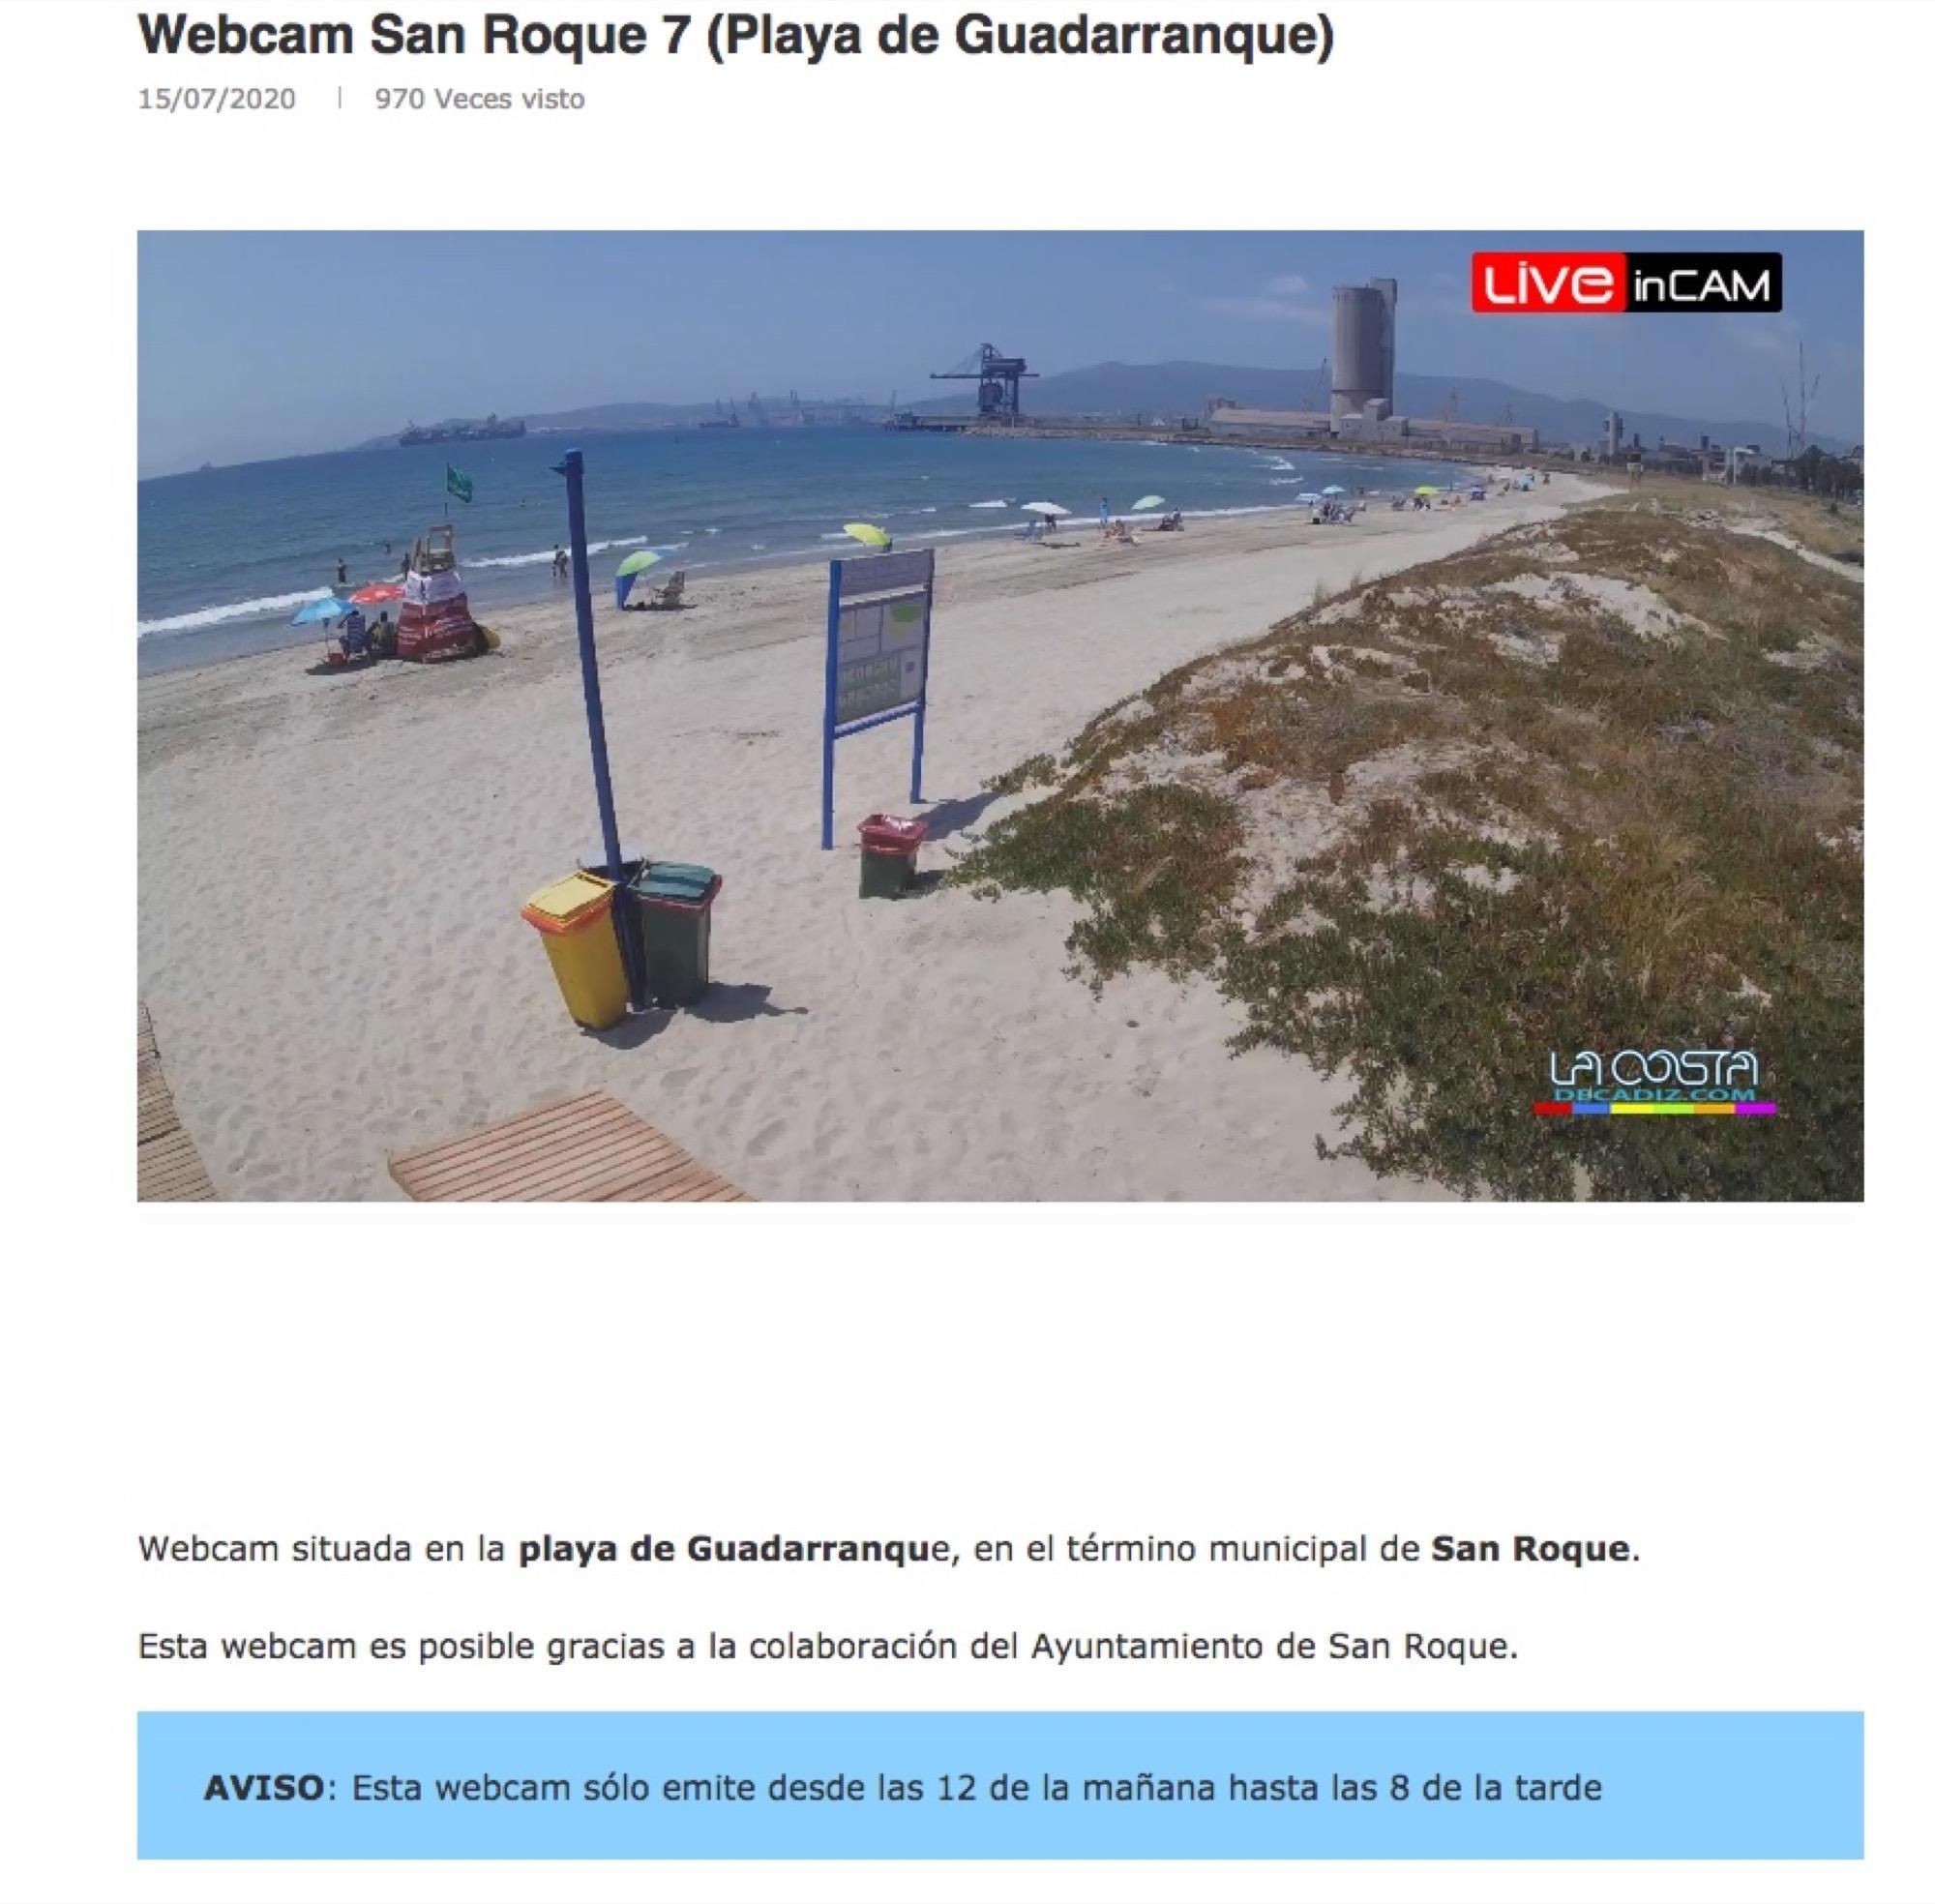 El Ayuntamiento de San Roque vuelve a instalar cámaras web en las playas del municipio